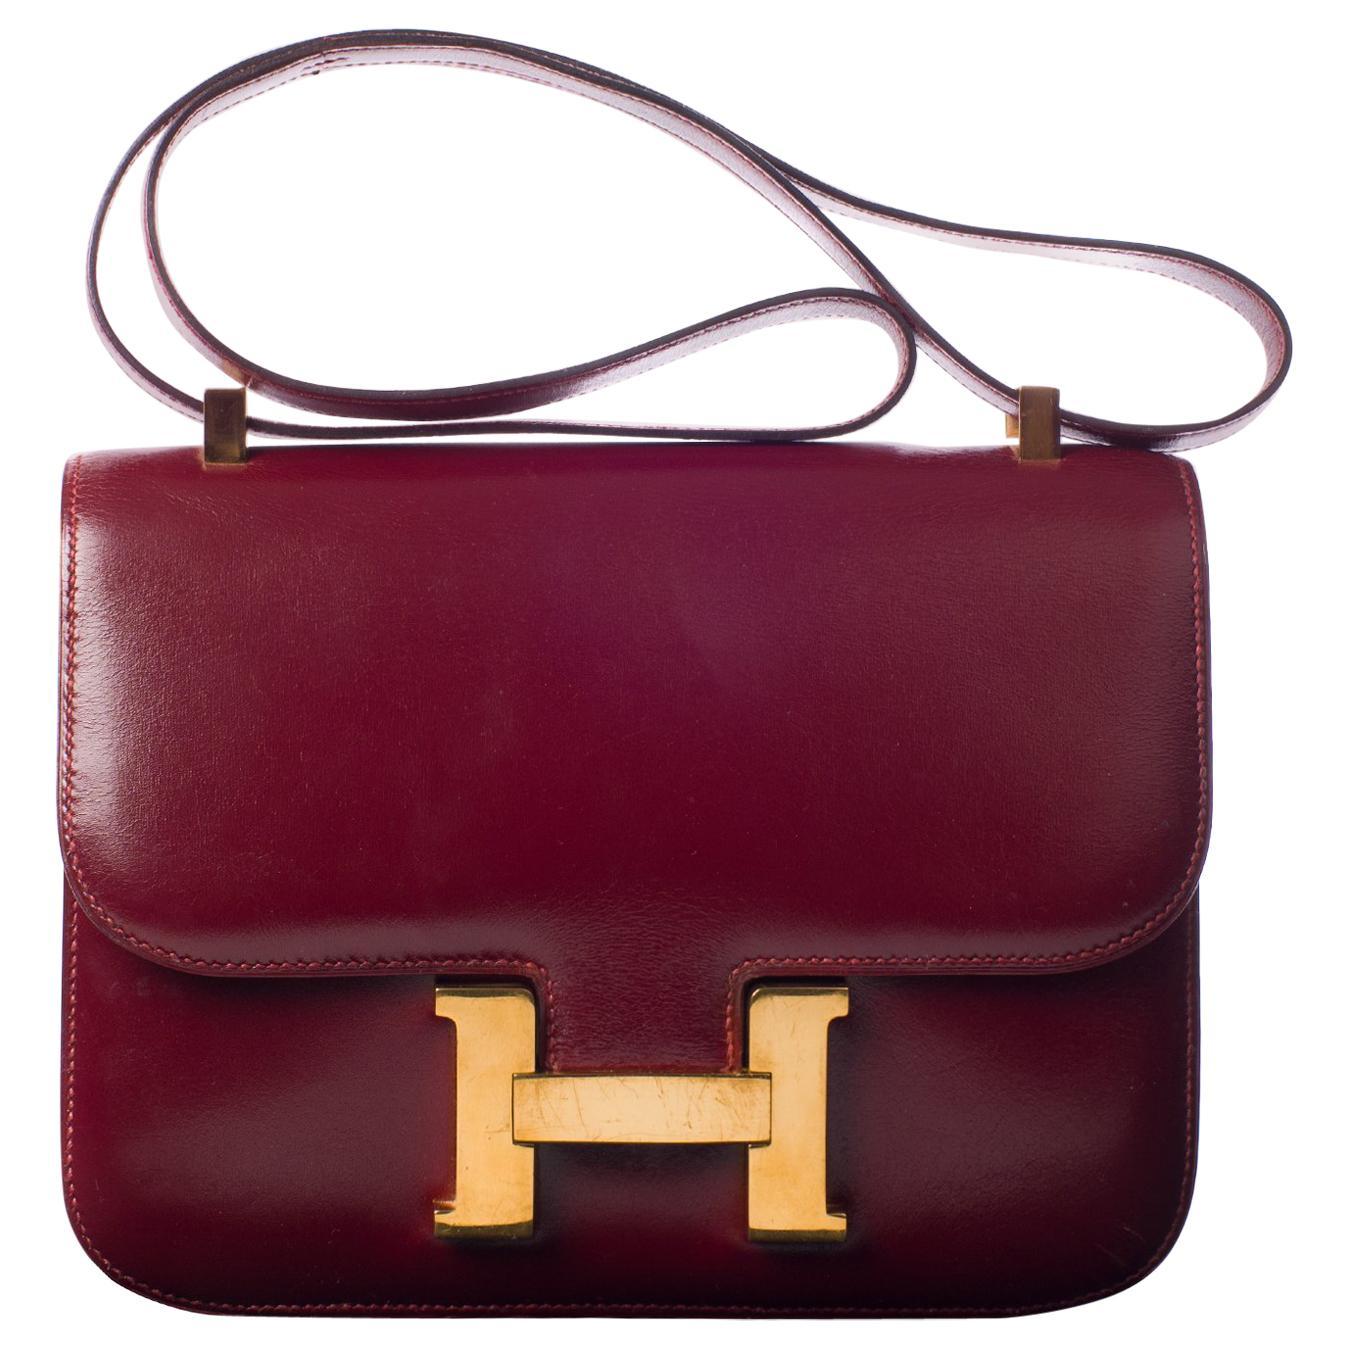 c792055c0dbc Vintage and Designer Bags - 23